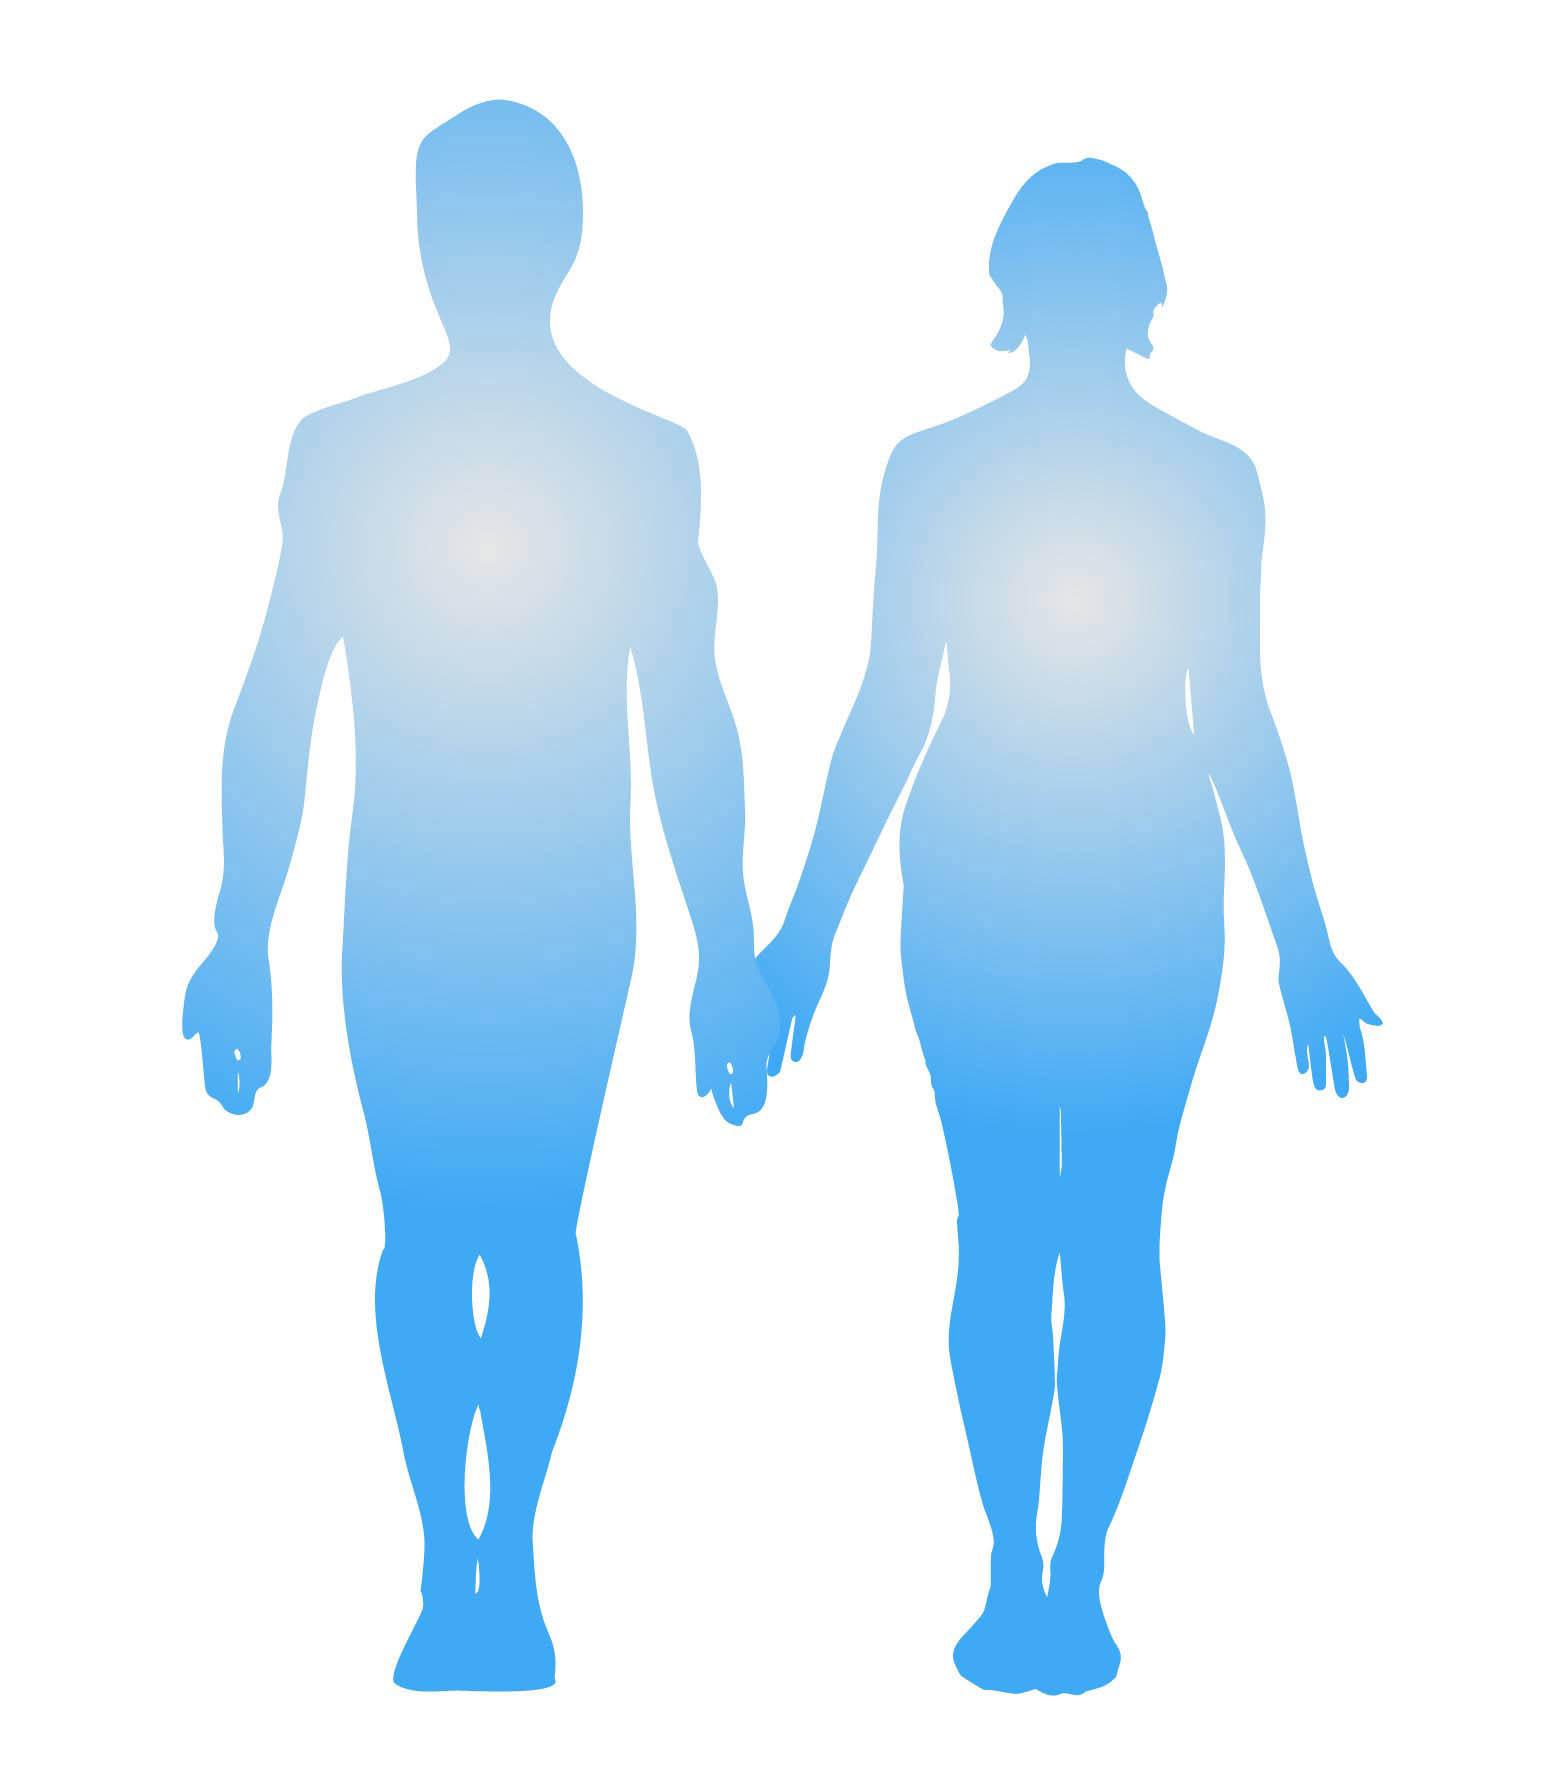 Ilustración gratis - El hombre y la mujer